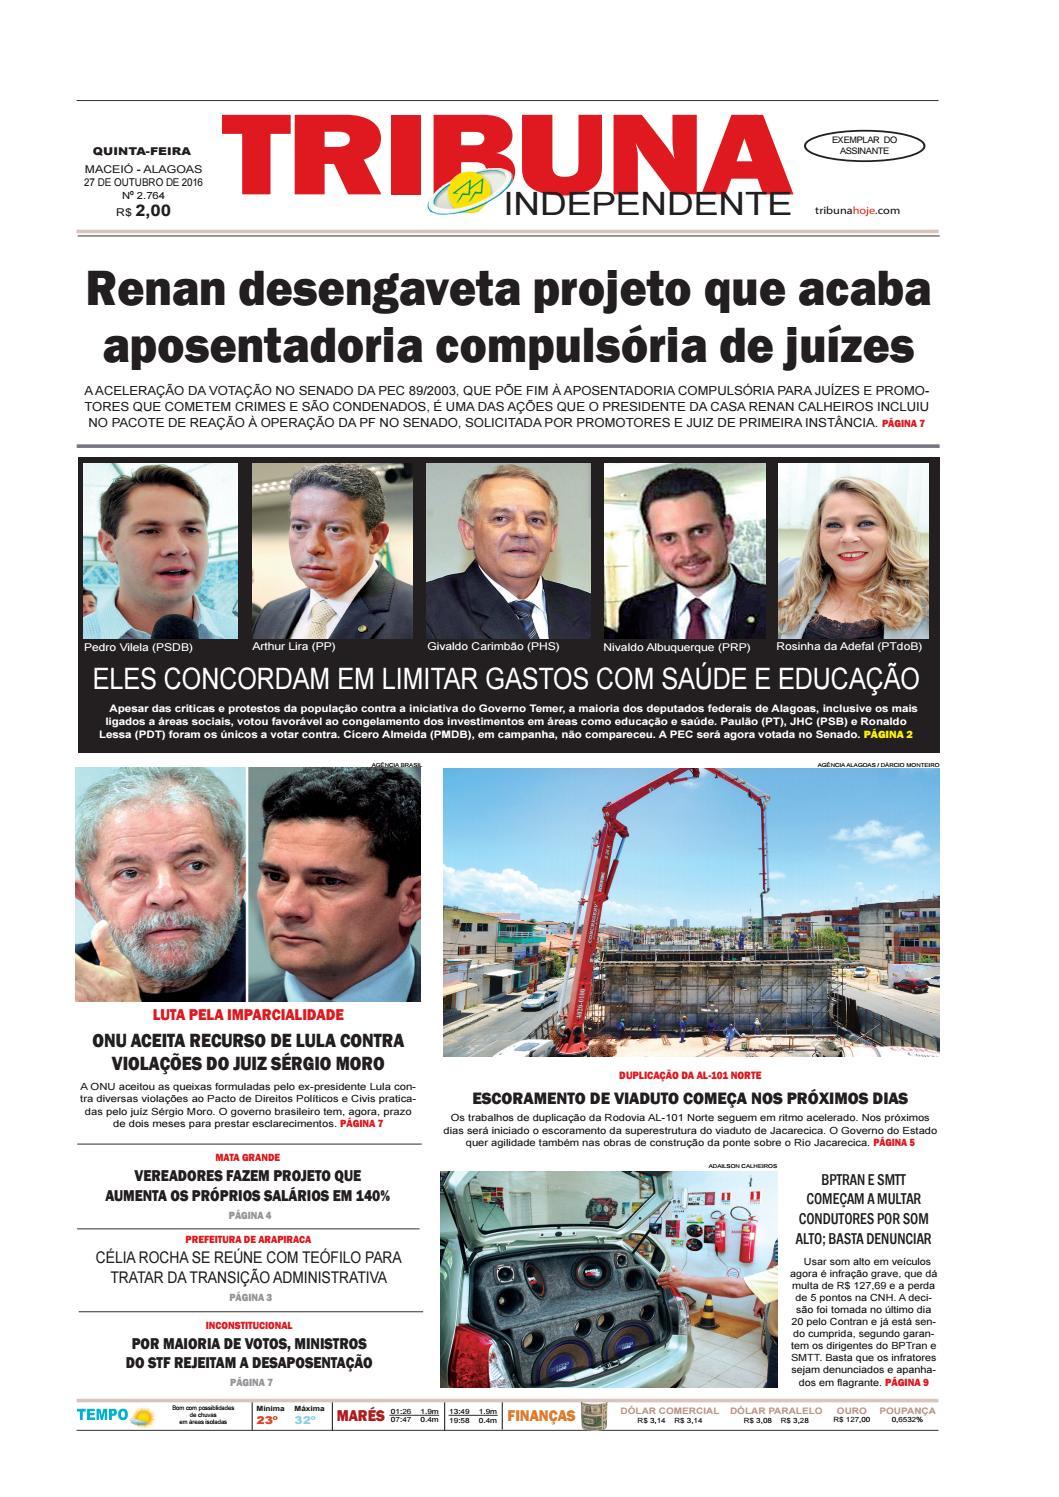 f7f9888bcf5 Edição número 2764 - 27 de outubro de 2016 by Tribuna Hoje - issuu